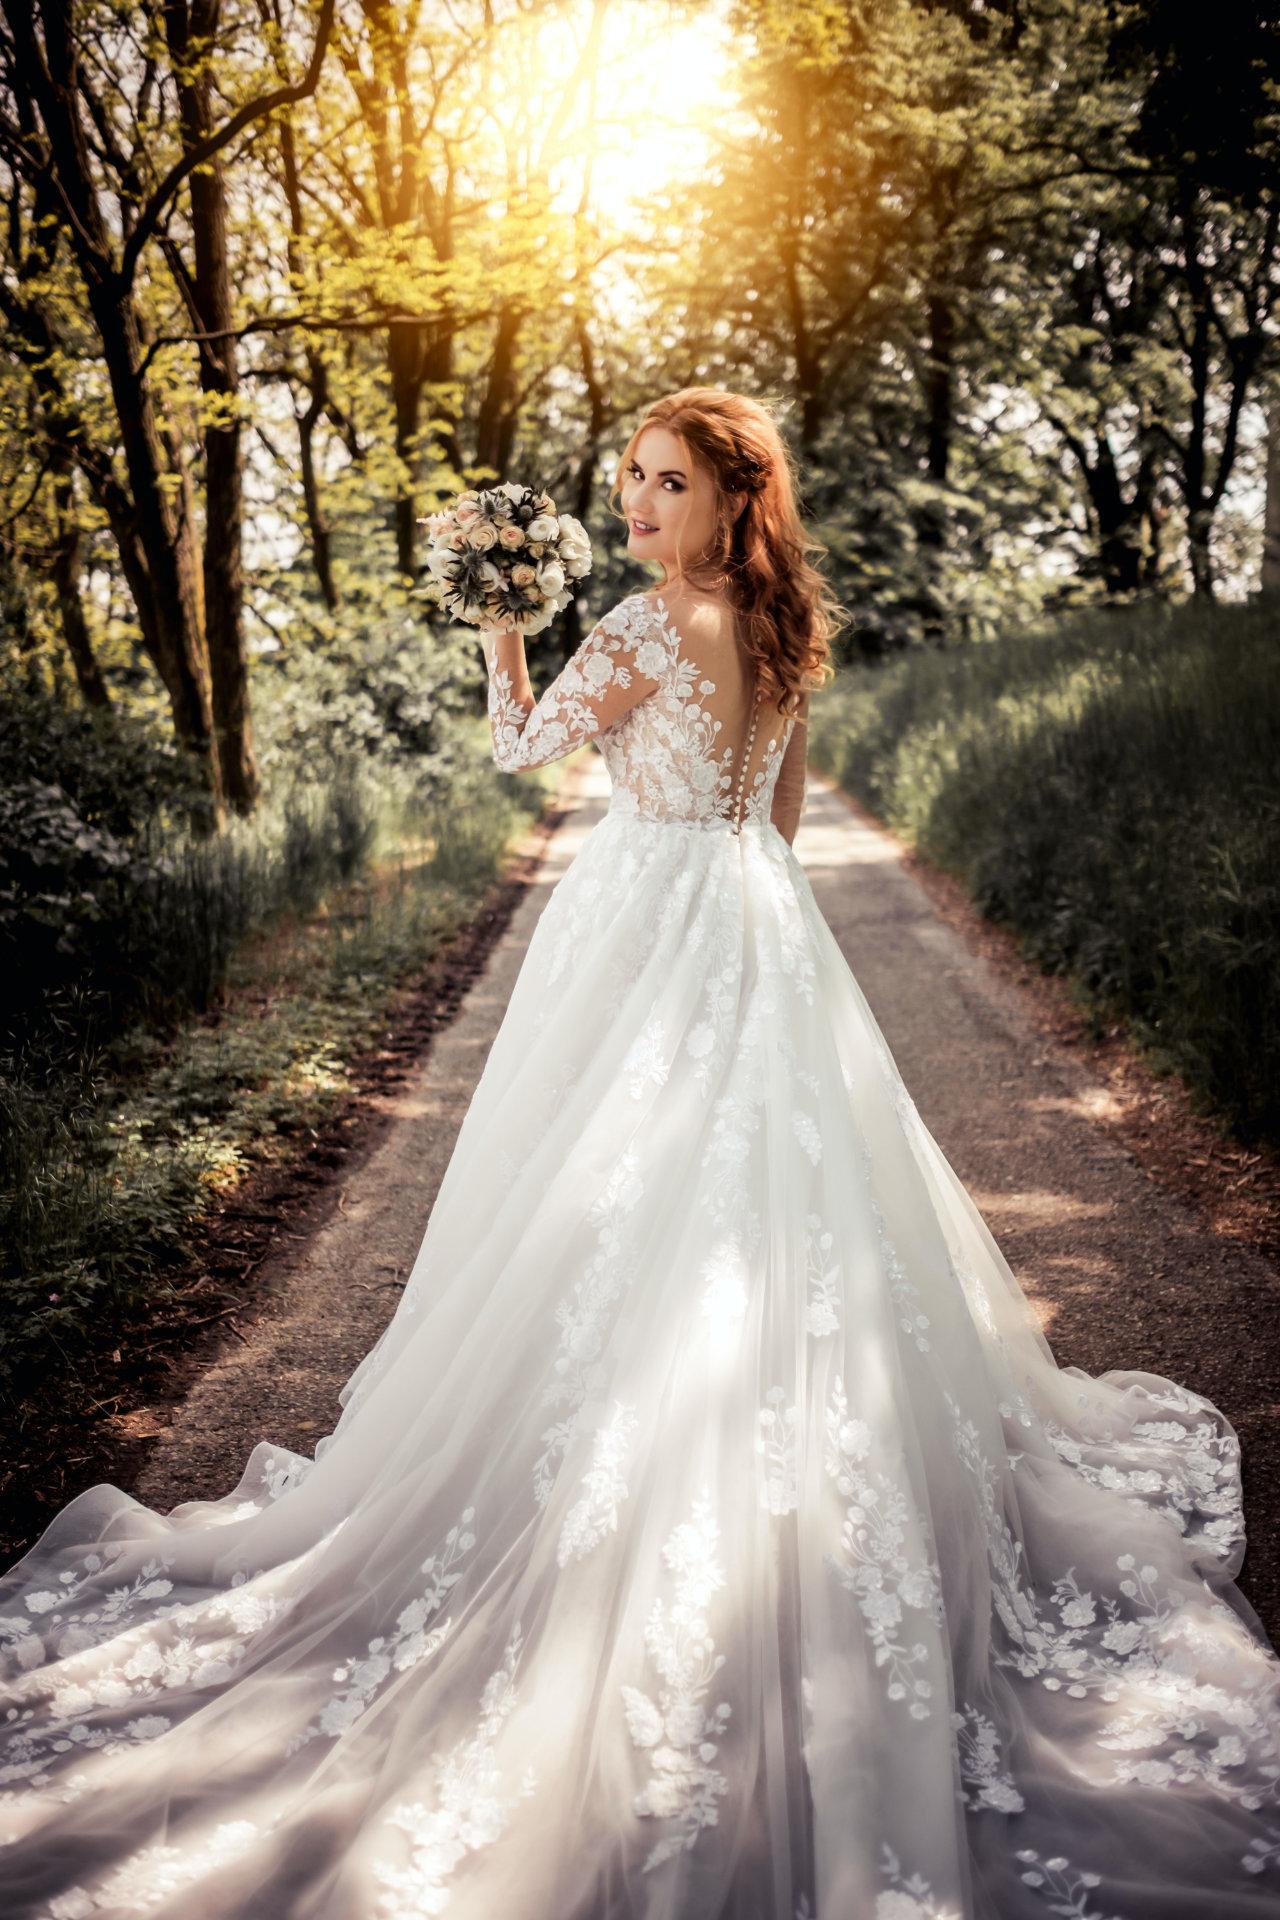 Model i brudekjole i skogen